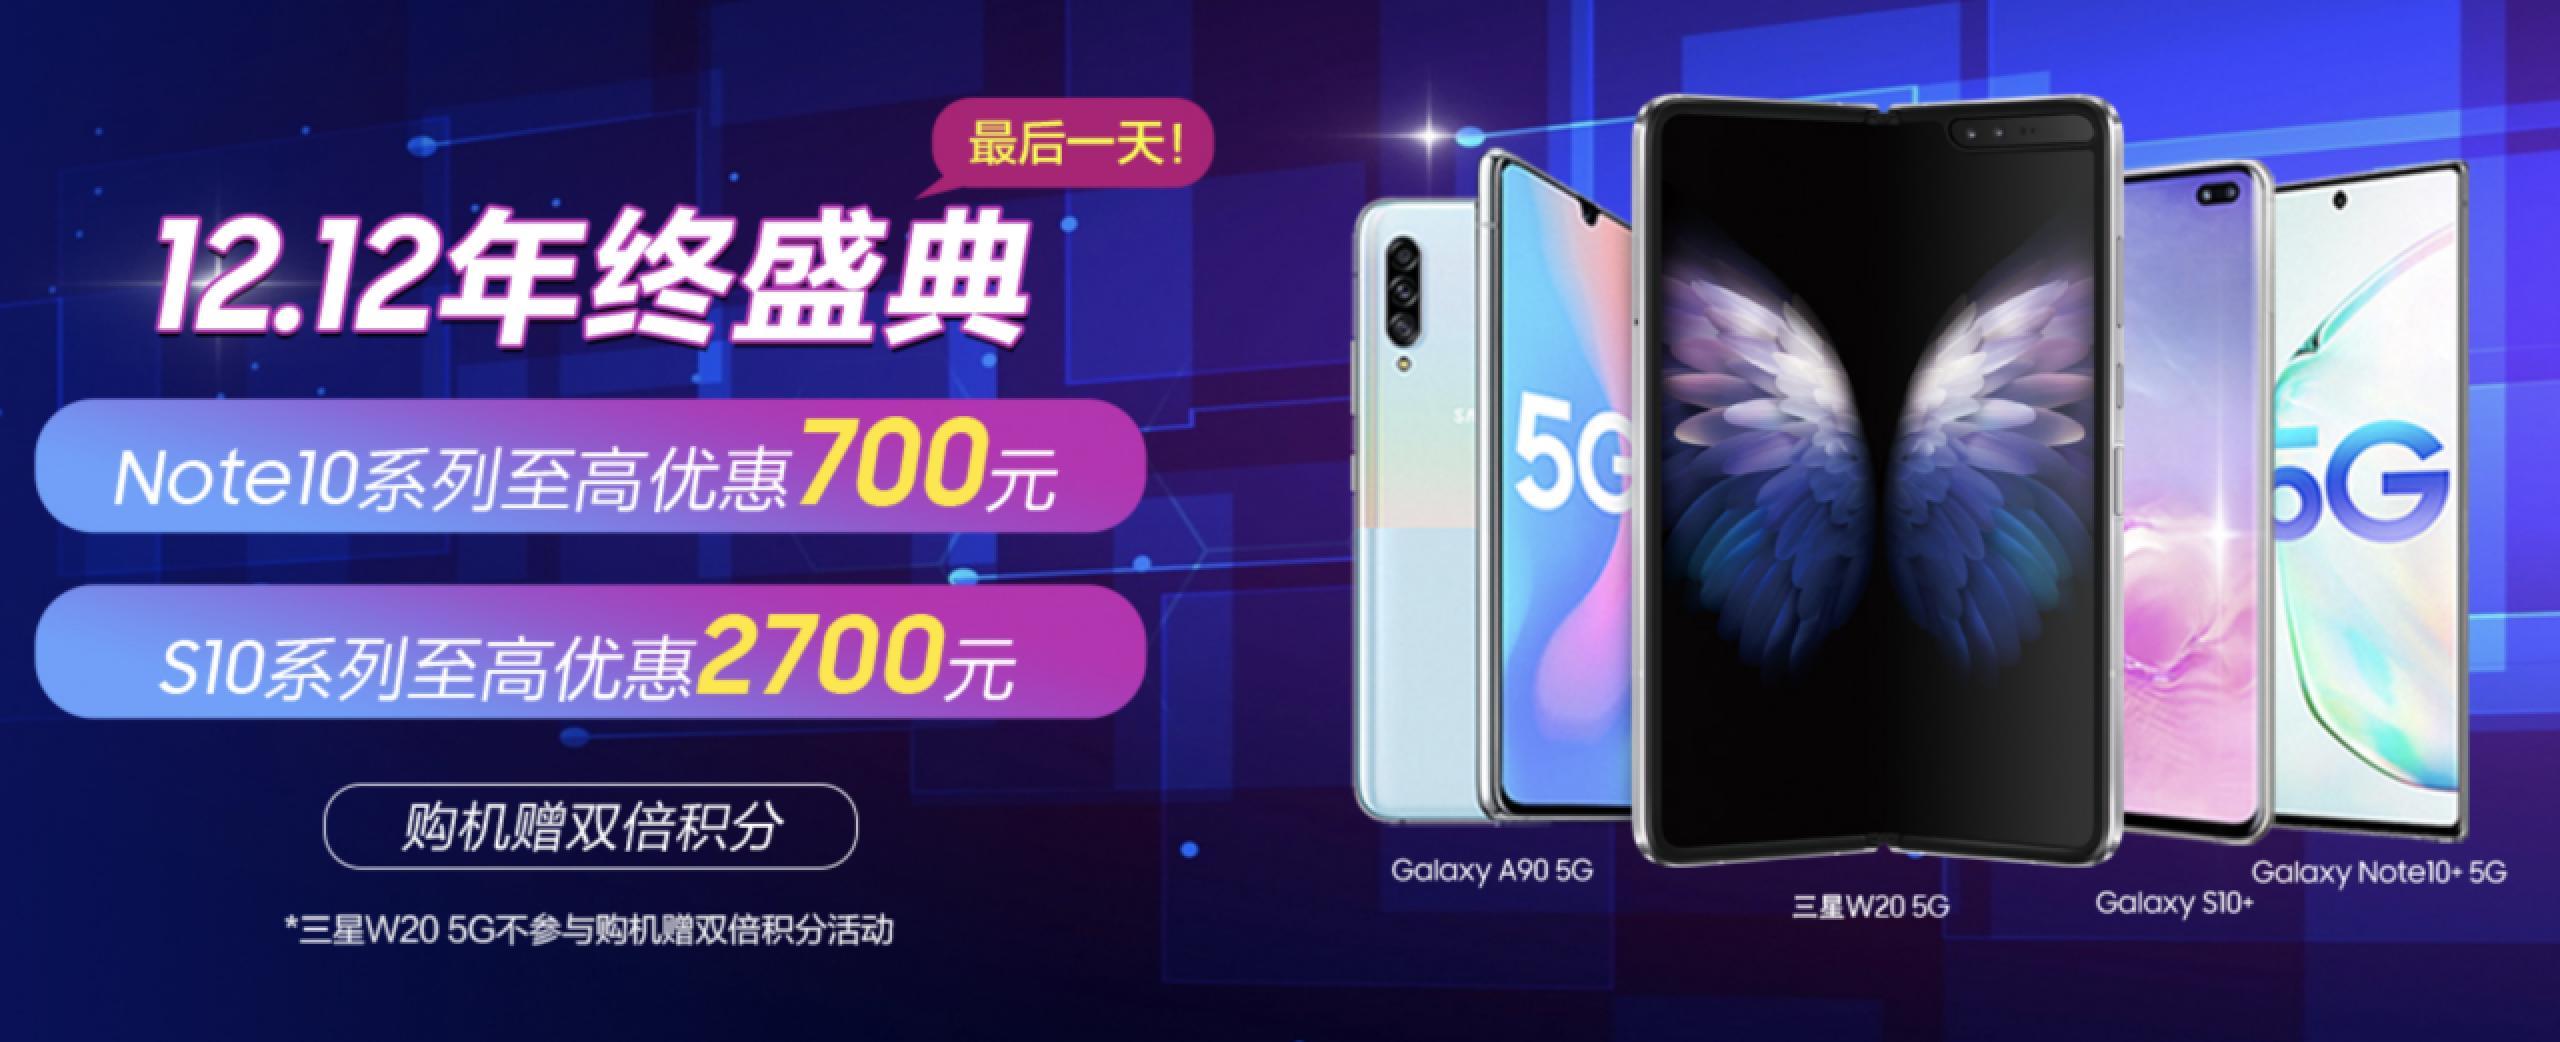 三星GalaxyS10、Note10系列双十二最高优惠2700元还有多重好礼_消费者